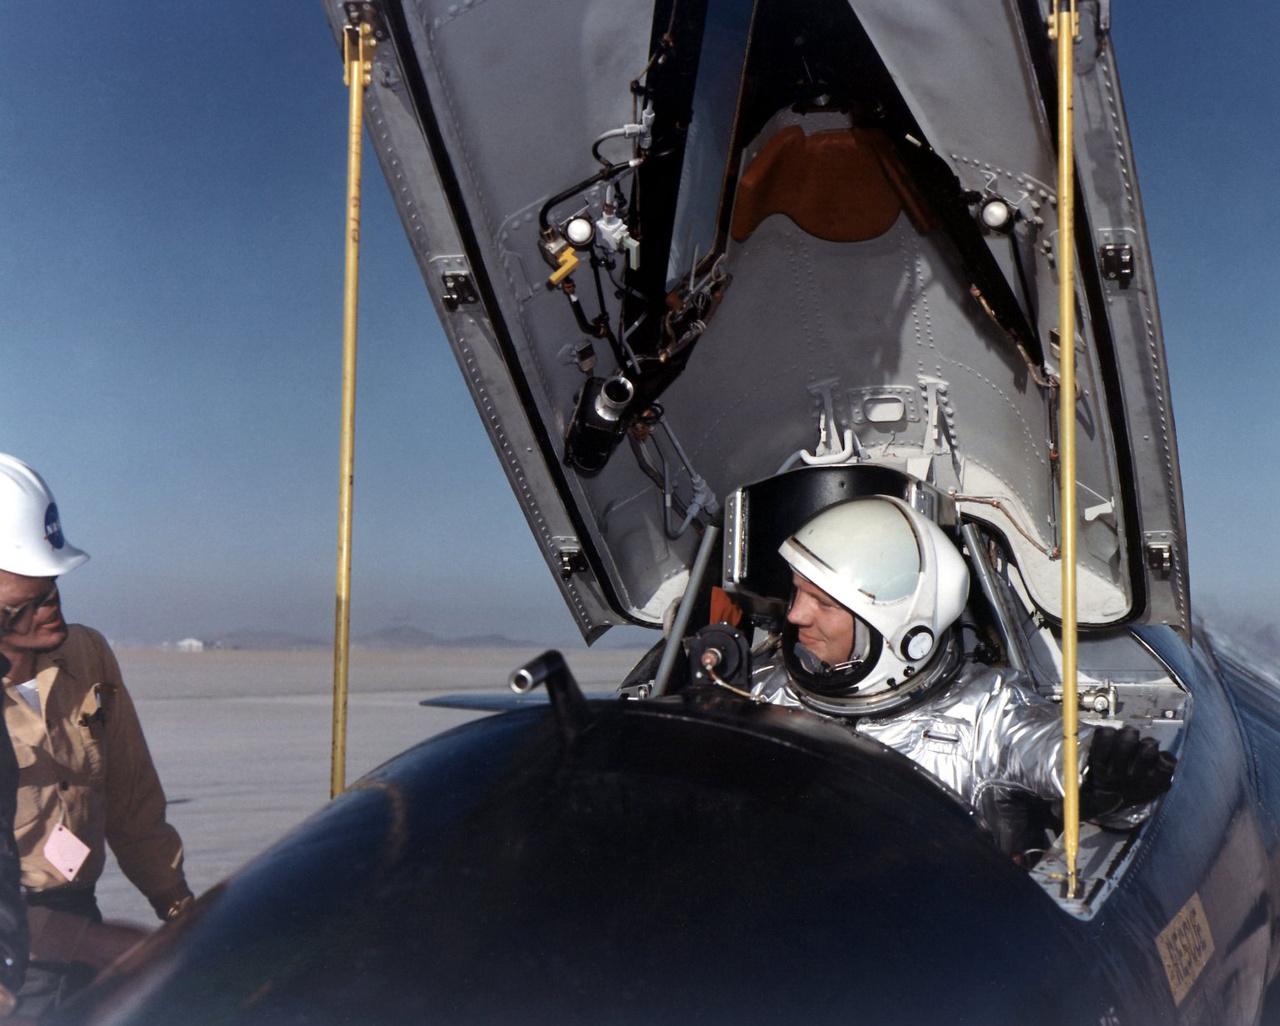 A film elején bemutatott rázós repülés egyike volt Armstrong hét X-15-ös repülésének. A haditengerészet pilótája a koreai háborúban 78 bevetésben vett részt Grumman F9F Panther sugárhajtású vadászgéppel. 1955-ben repülőmérnöki diplomát szerzett és még abban az évben csatlakozott a NASA elődjéhez, a NACA-hoz, hogy kutatómérnök pilótaként részt vegyen a nagy sebességű repülést kutató programban. Két társával elsőként repülhetett a NASA X-15-ös rakétarepülőjével, ami az amerikai űrprogram kezdetén – 1959 és 1968 között – egy sor űrrepüléssel kapcsolatos kísérletnek volt főszereplője, és az átala szerzett repülési tapasztalatokat a Mercury, a Gemini, az Apollo és az űrsikló programokban egyaránt felhasználták.